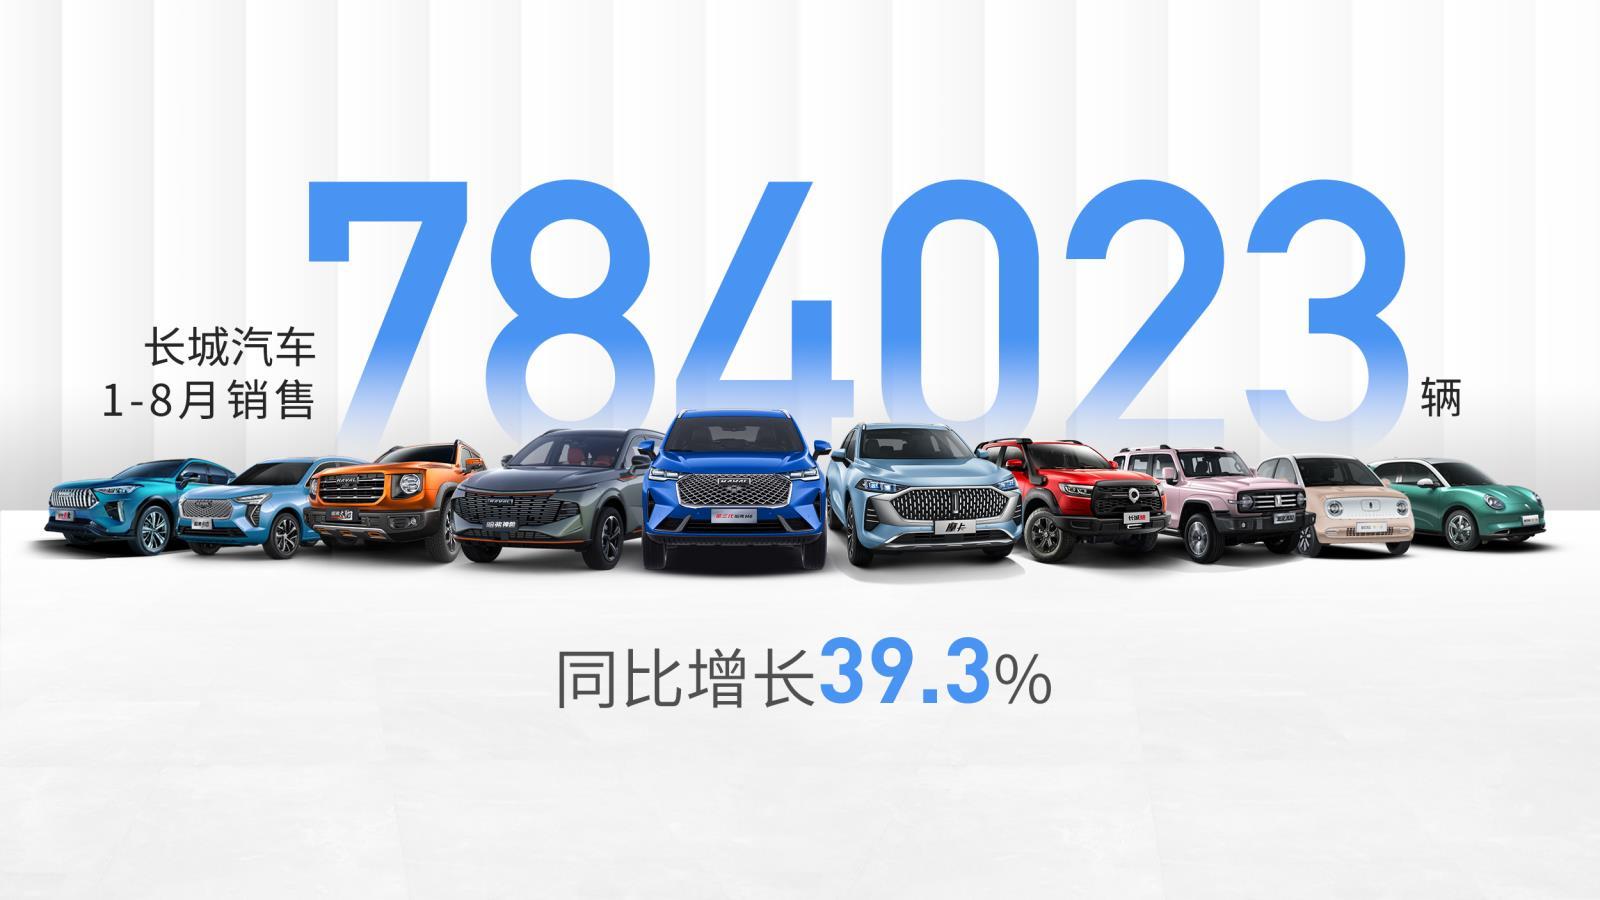 长城汽车1-8月销量.jpg